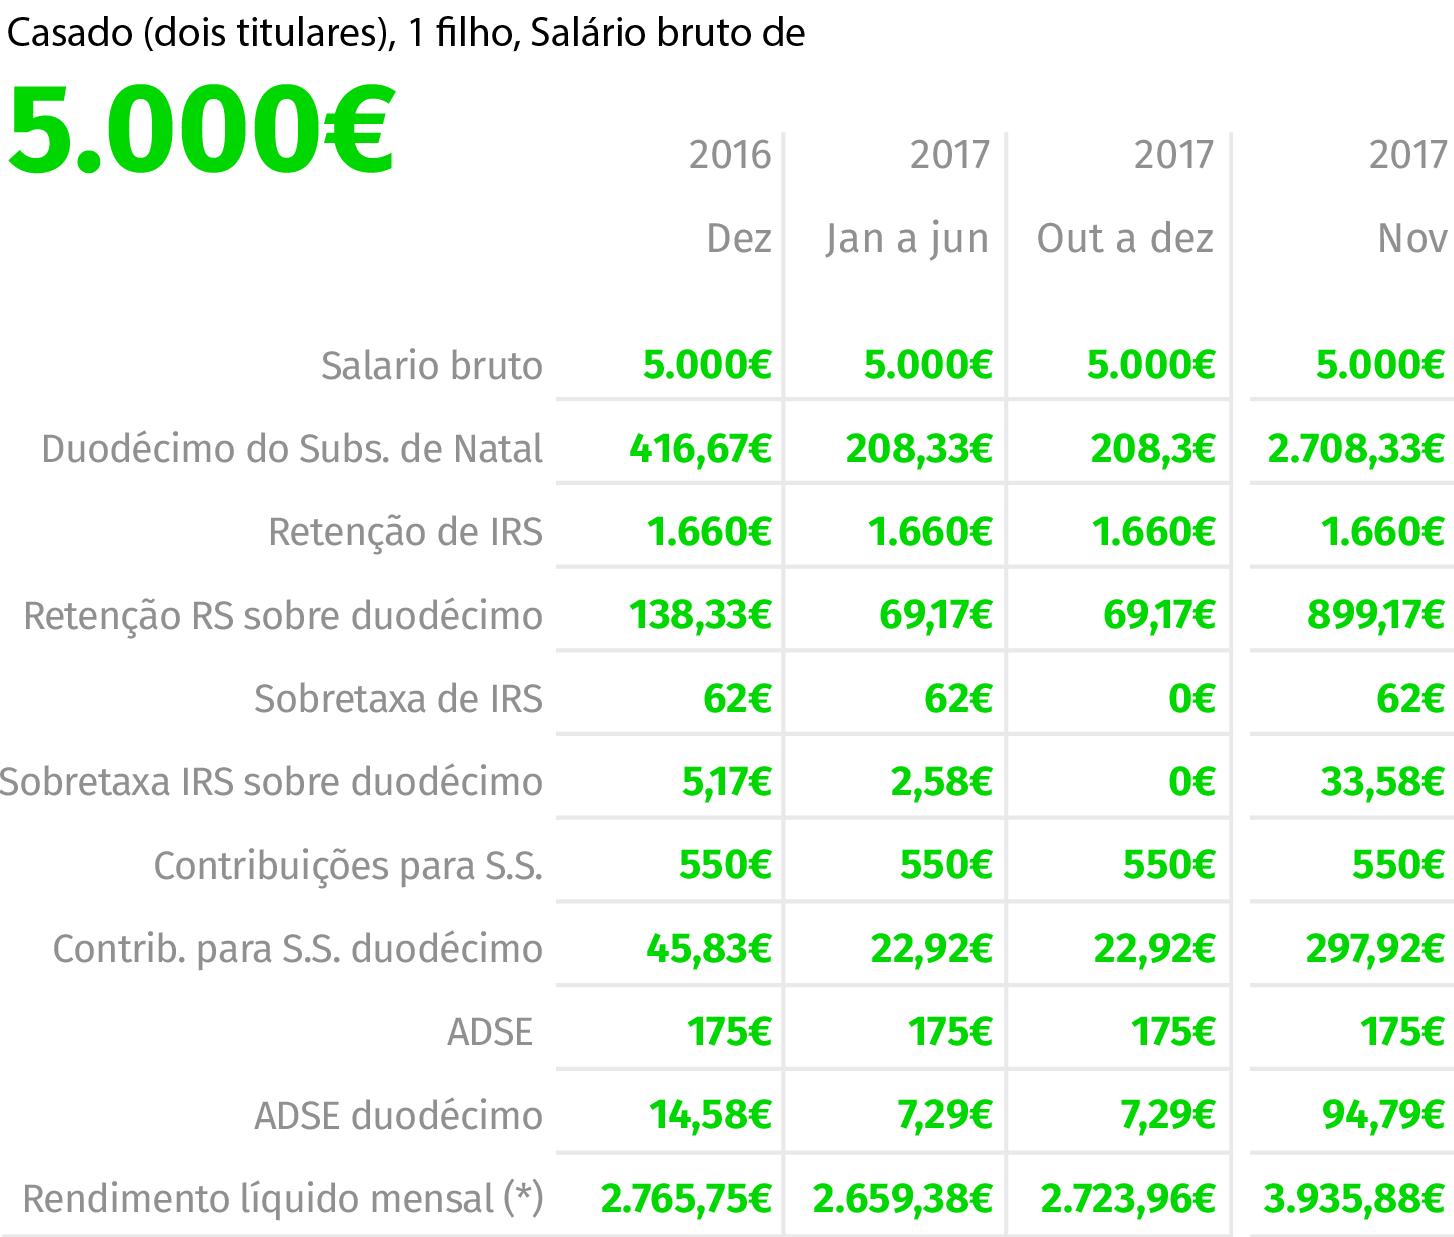 Fonte: EY (Valores em euros)